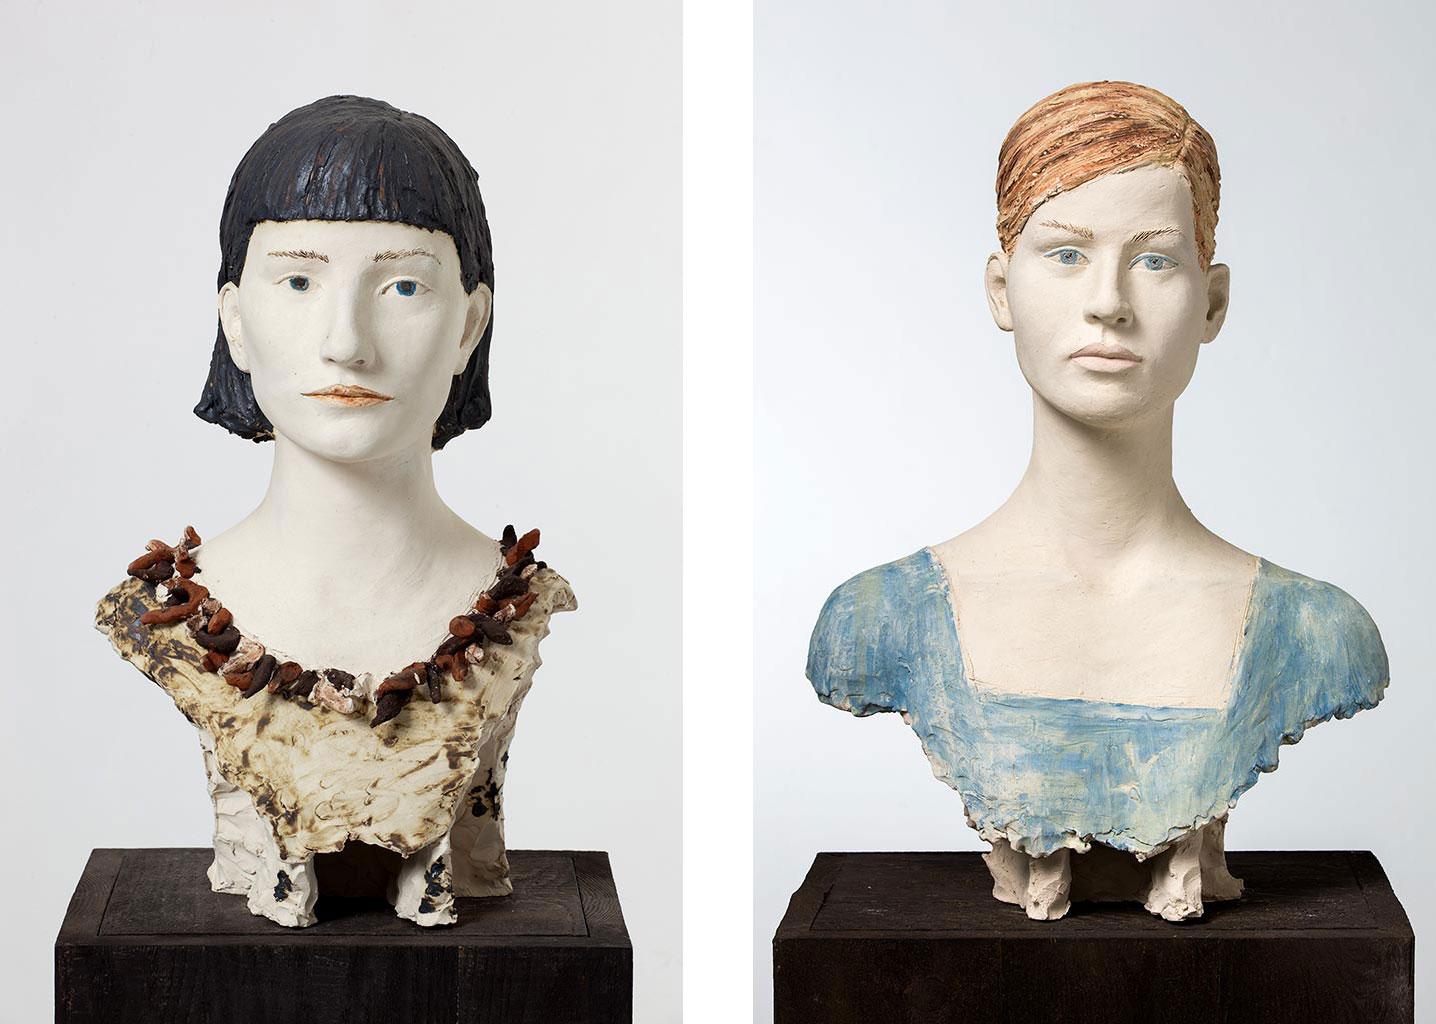 Anna-Katarijna, Terrakotta engobiert, 40x30x25 cm, 2002; Laura, Terrakotta engobiert, 54x39x30 cm, 2004